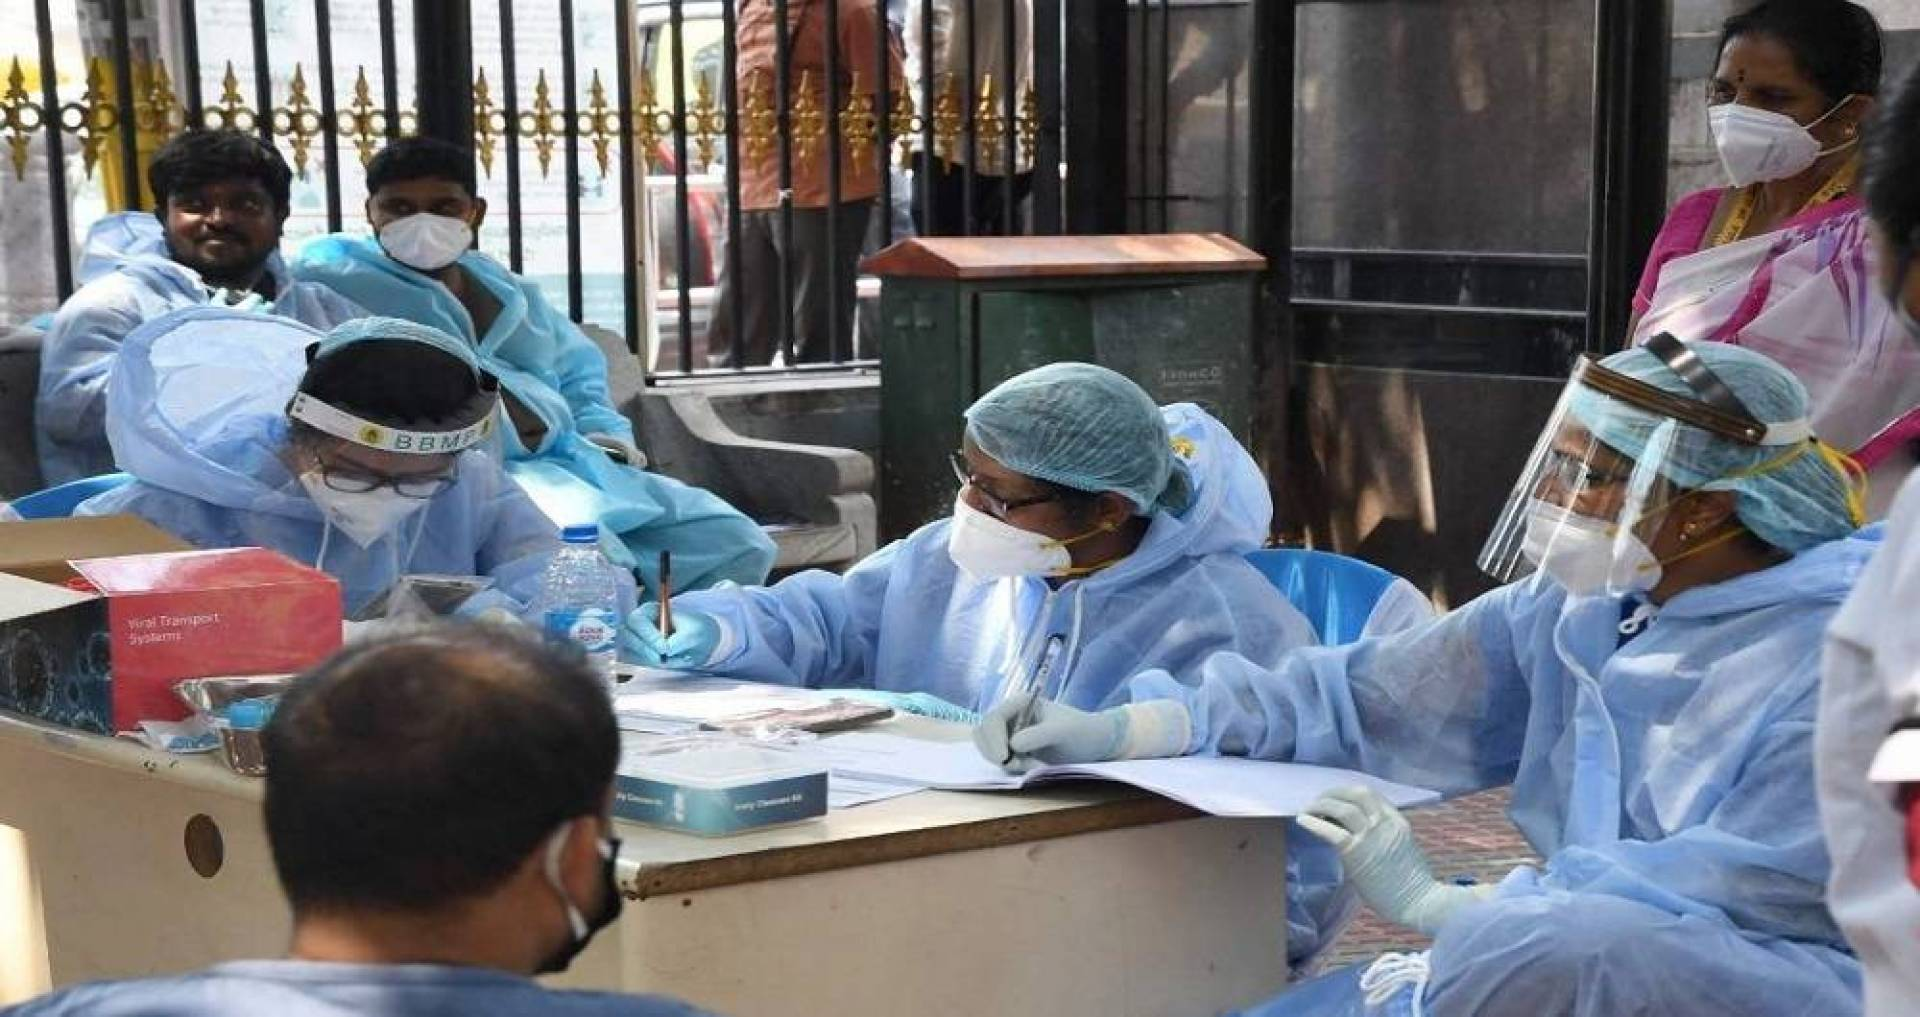 إصابات كورونا على مستوى العالم تتجاوز 25 مليون حالة